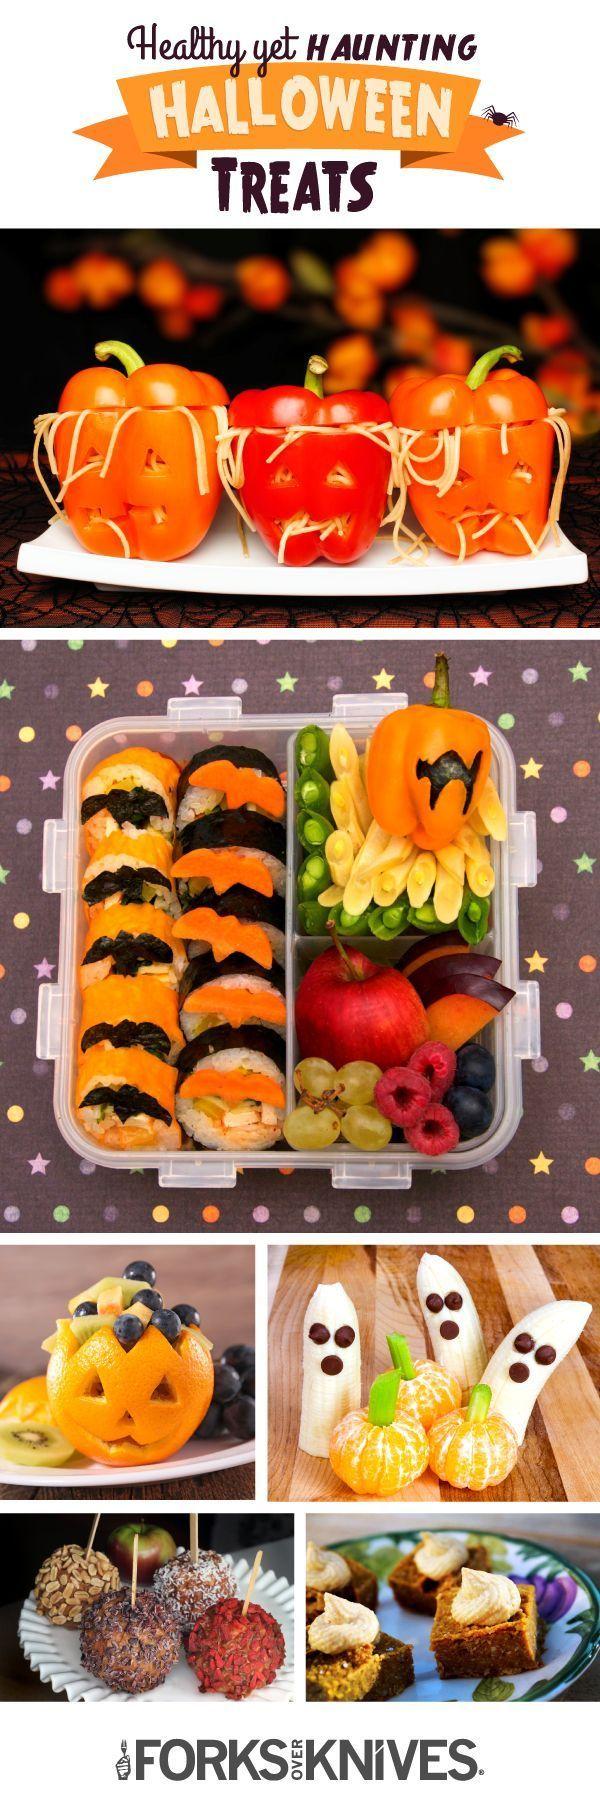 Haunting but Healthy Halloween Treats